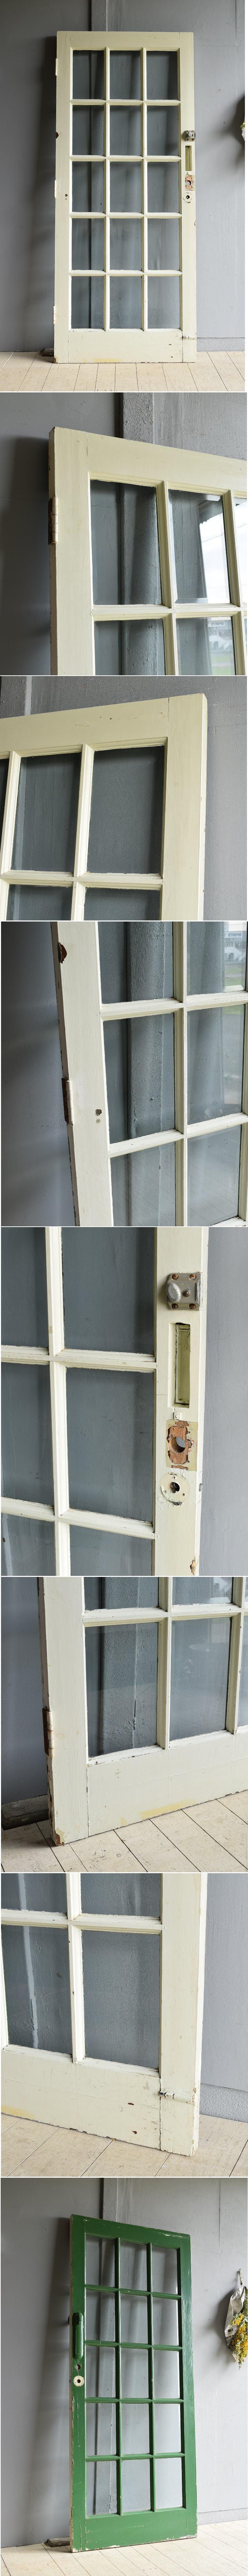 イギリス アンティーク ドア 扉 建具 7937